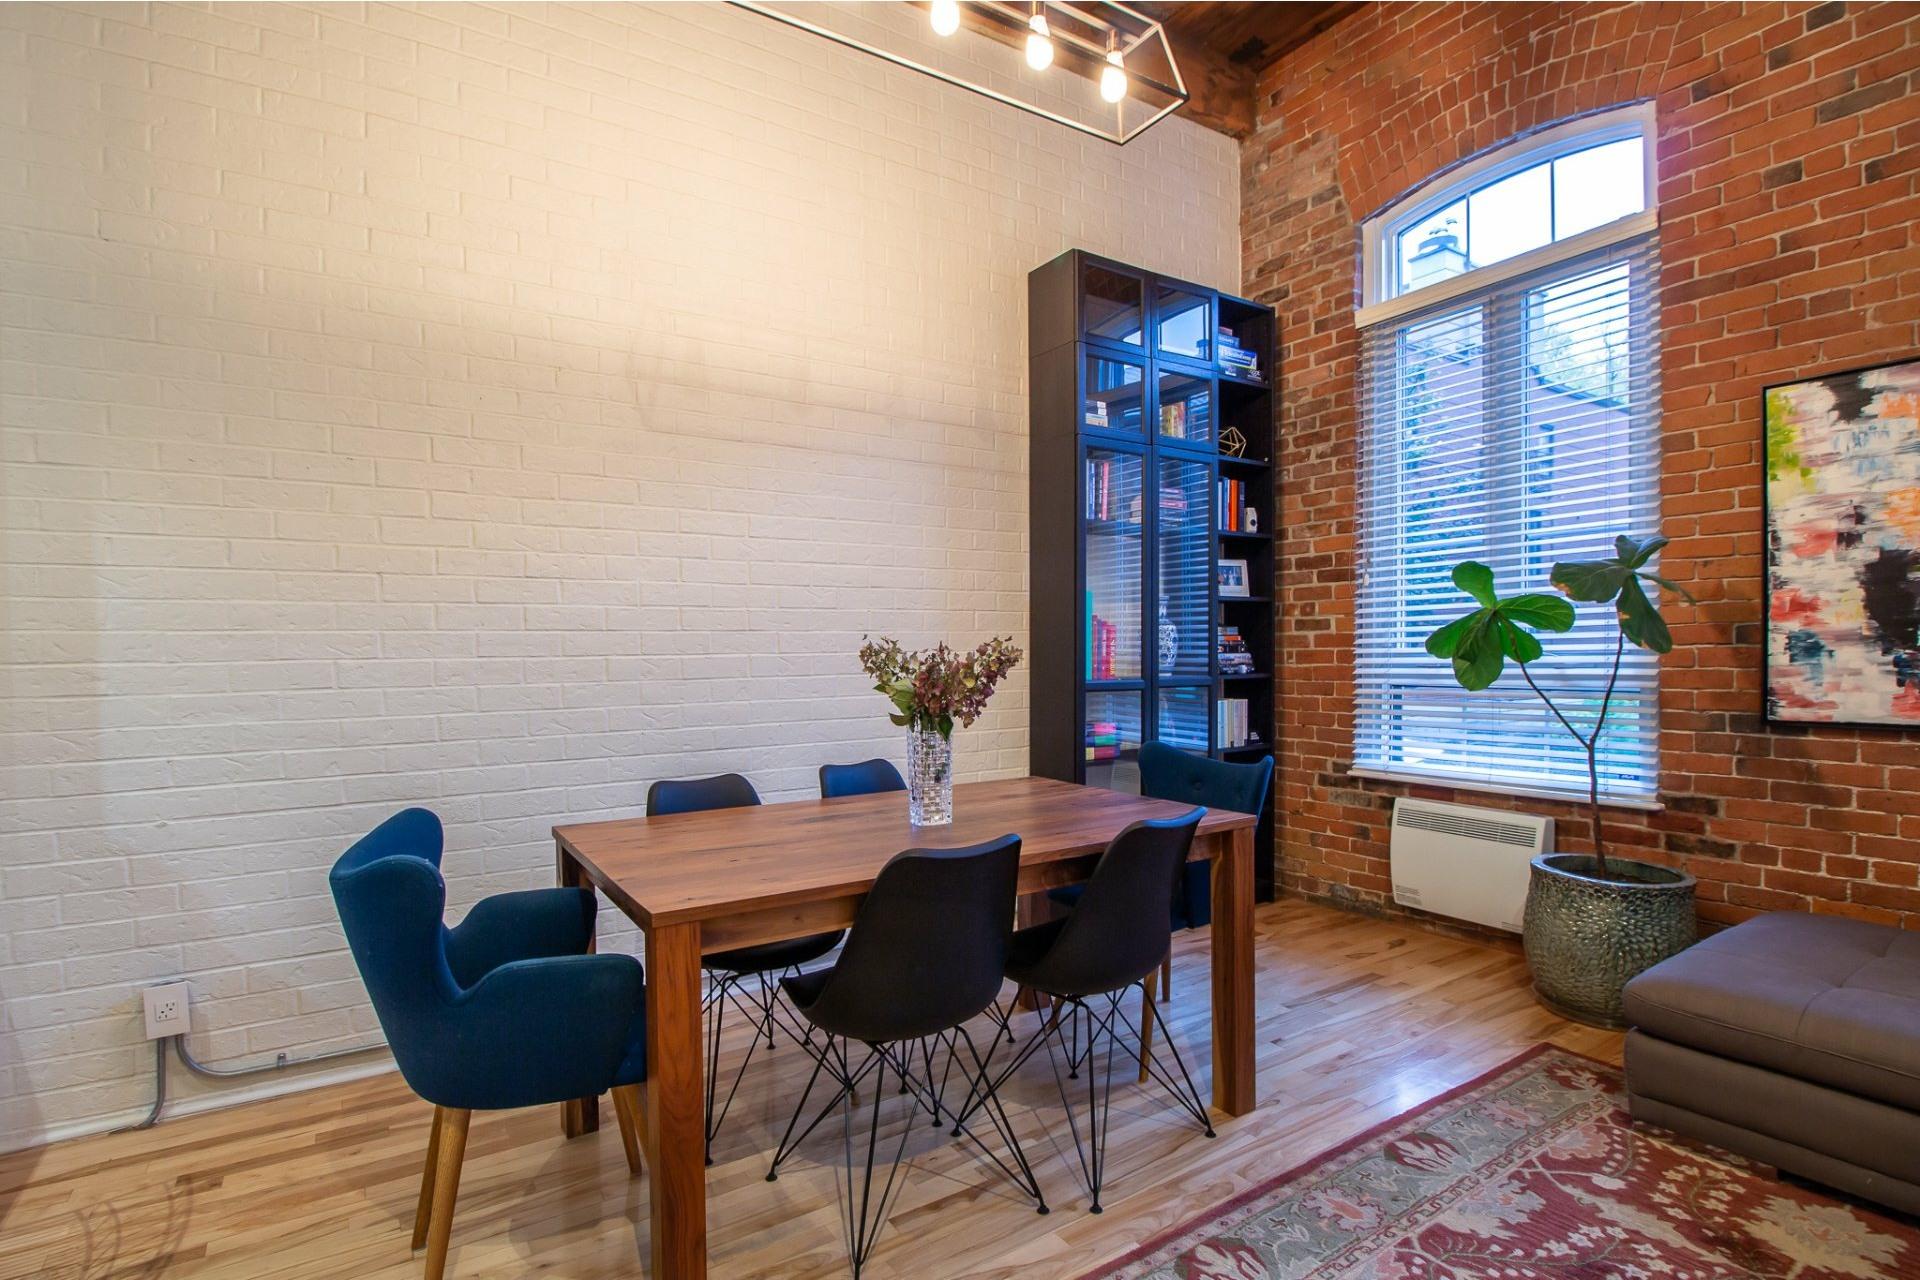 image 3 - Appartement À vendre Le Sud-Ouest Montréal  - 3 pièces